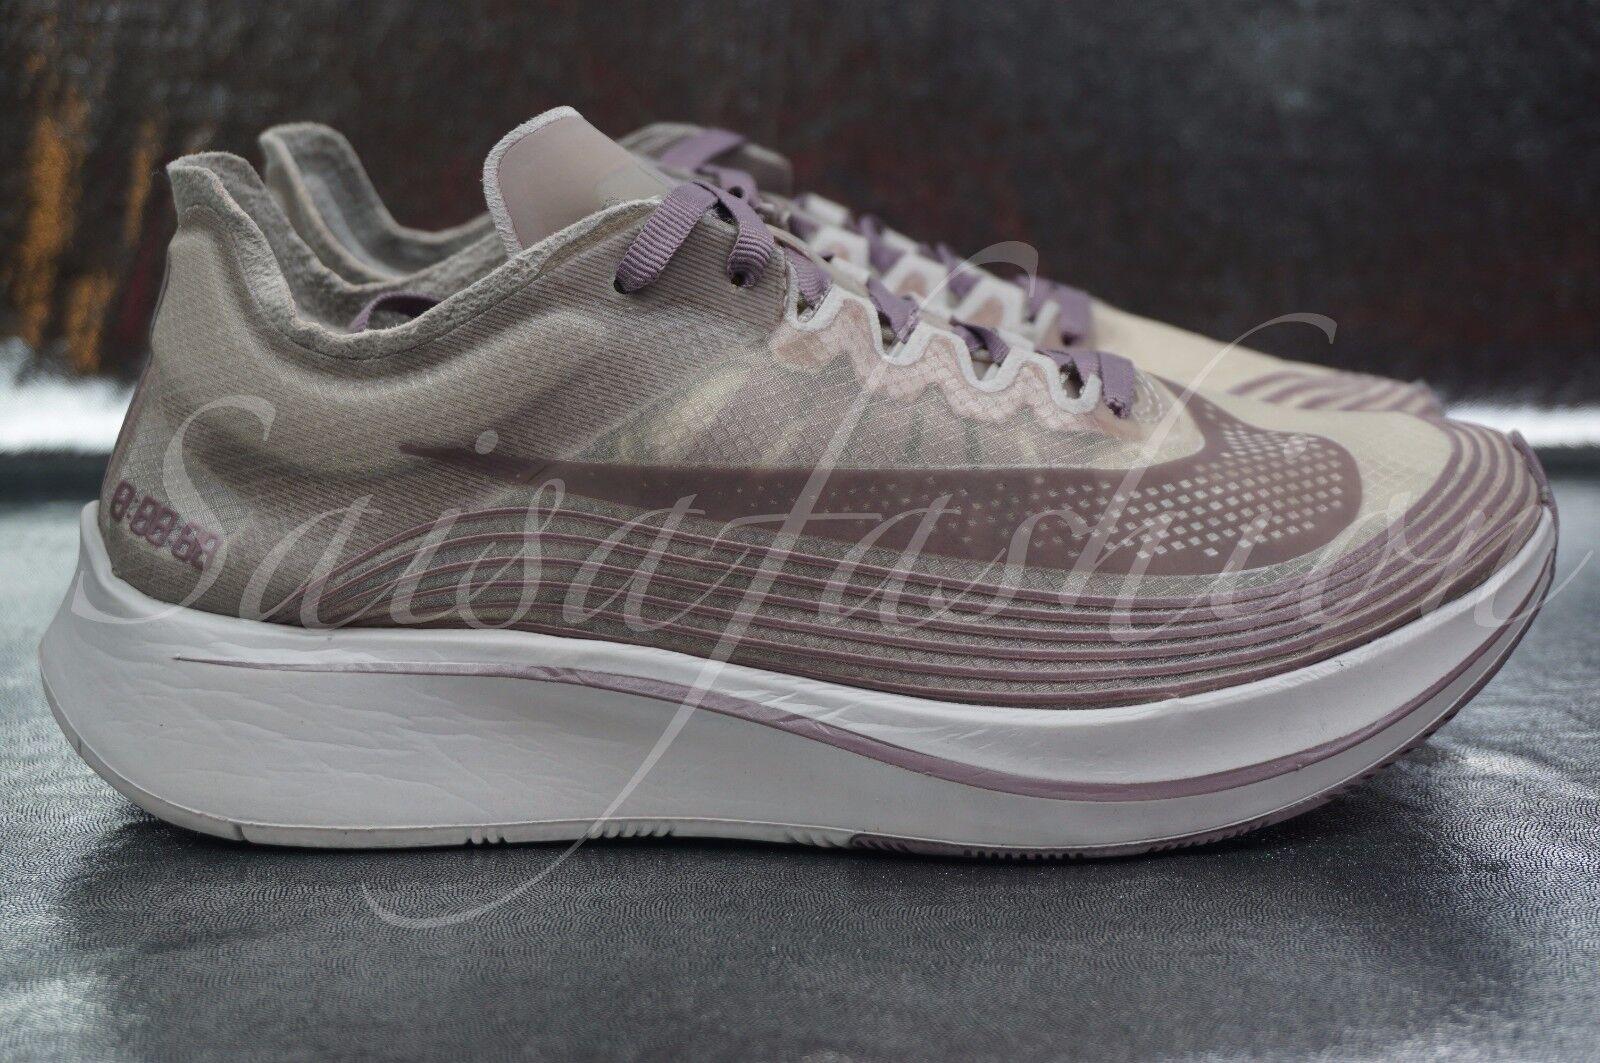 Nike Zoom nikelab volar SP Chicago taupe Gris Obsidian aa3172-2018 hombres Hombre SZ 6,5 nuevos zapatos para hombres aa3172-2018 y mujeres, el limitado tiempo de descuento 861e23